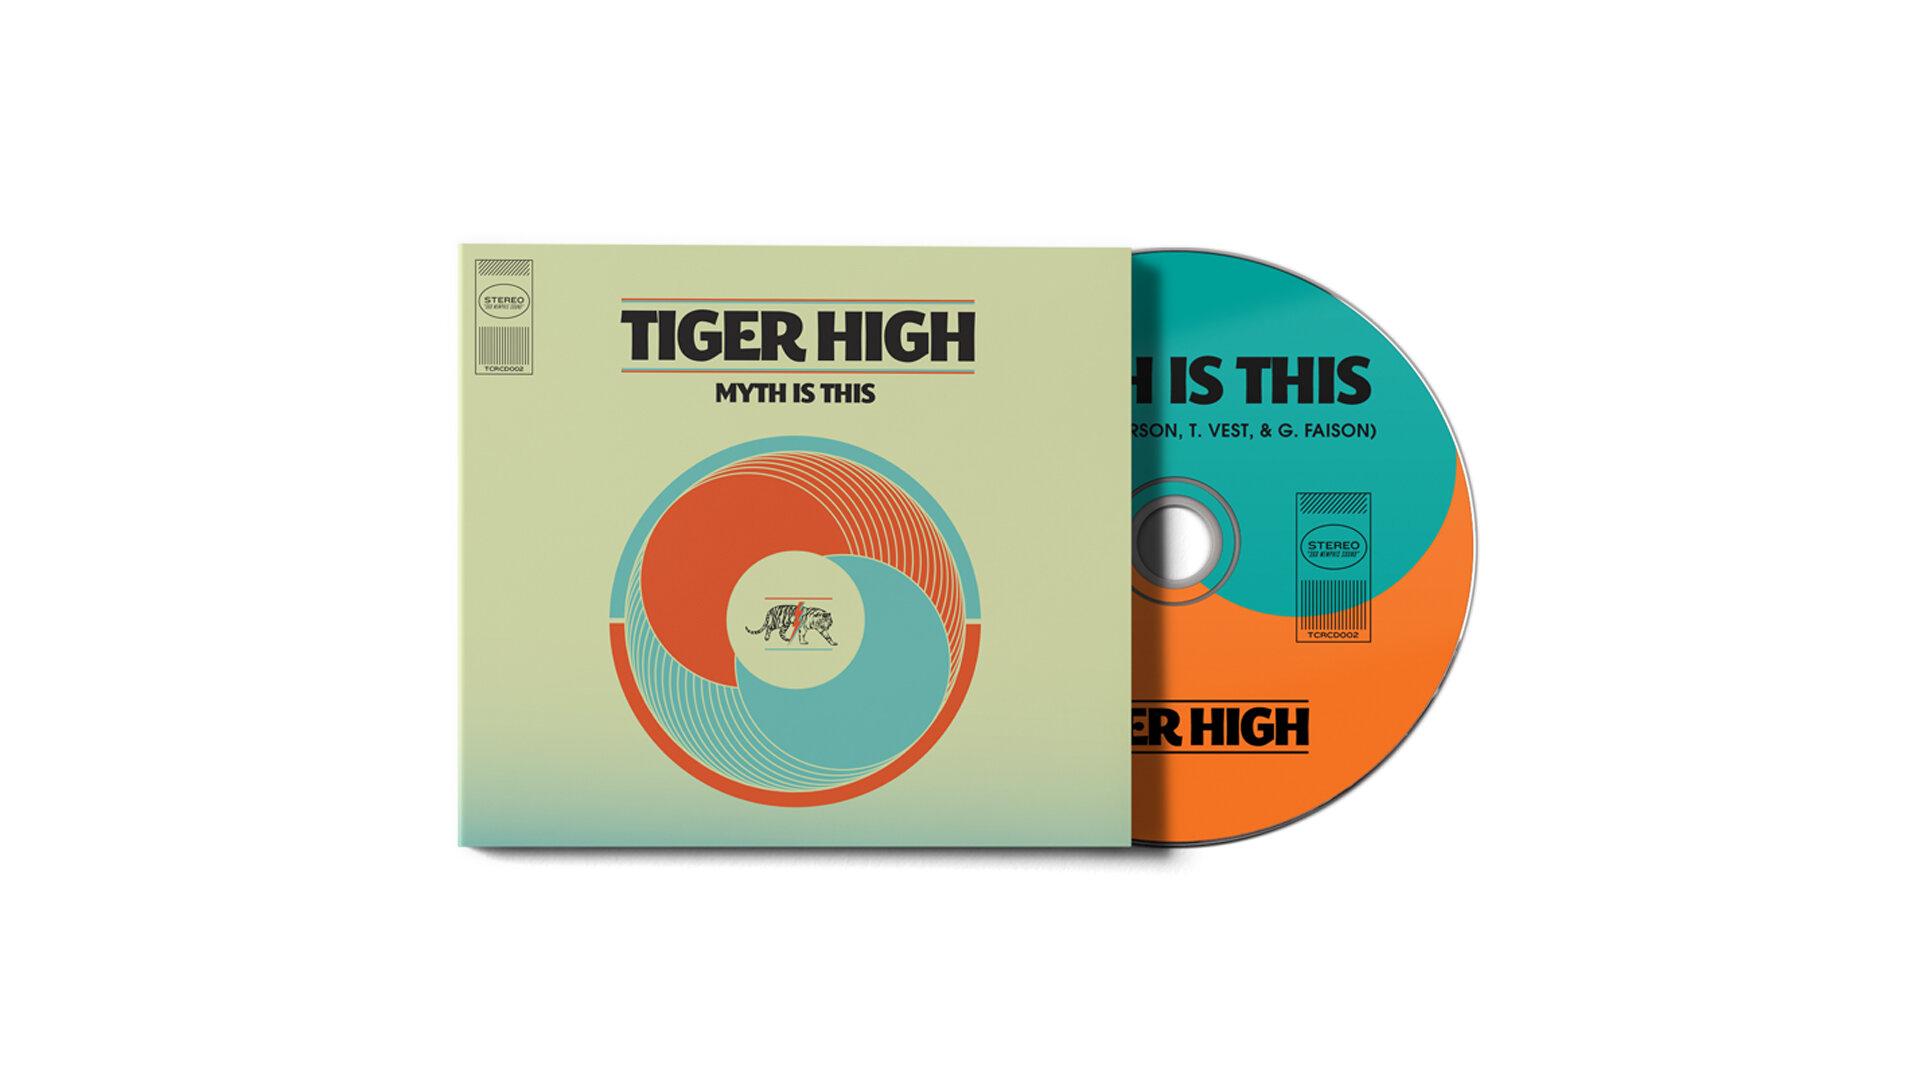 TH-Myth-Digipak-Mockup-Cover.jpg